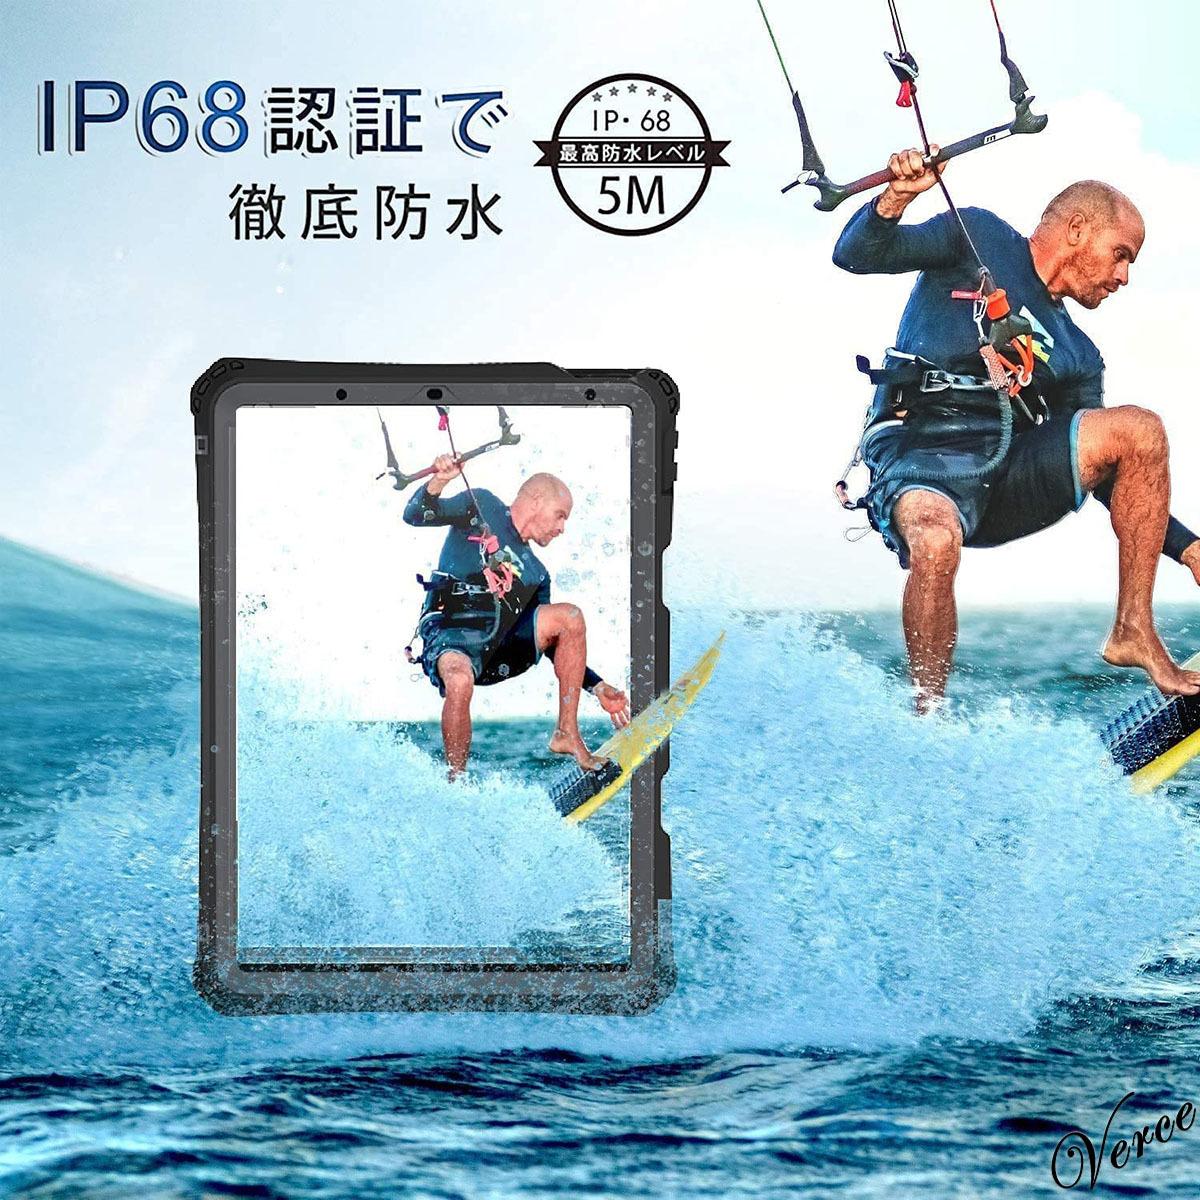 完全防水ケース お風呂での使用可能 iPad Air4 10.9インチ IP68防水規格 耐衝撃 薄型 軽量 全面保護 カバー スタンド機能あり_画像1